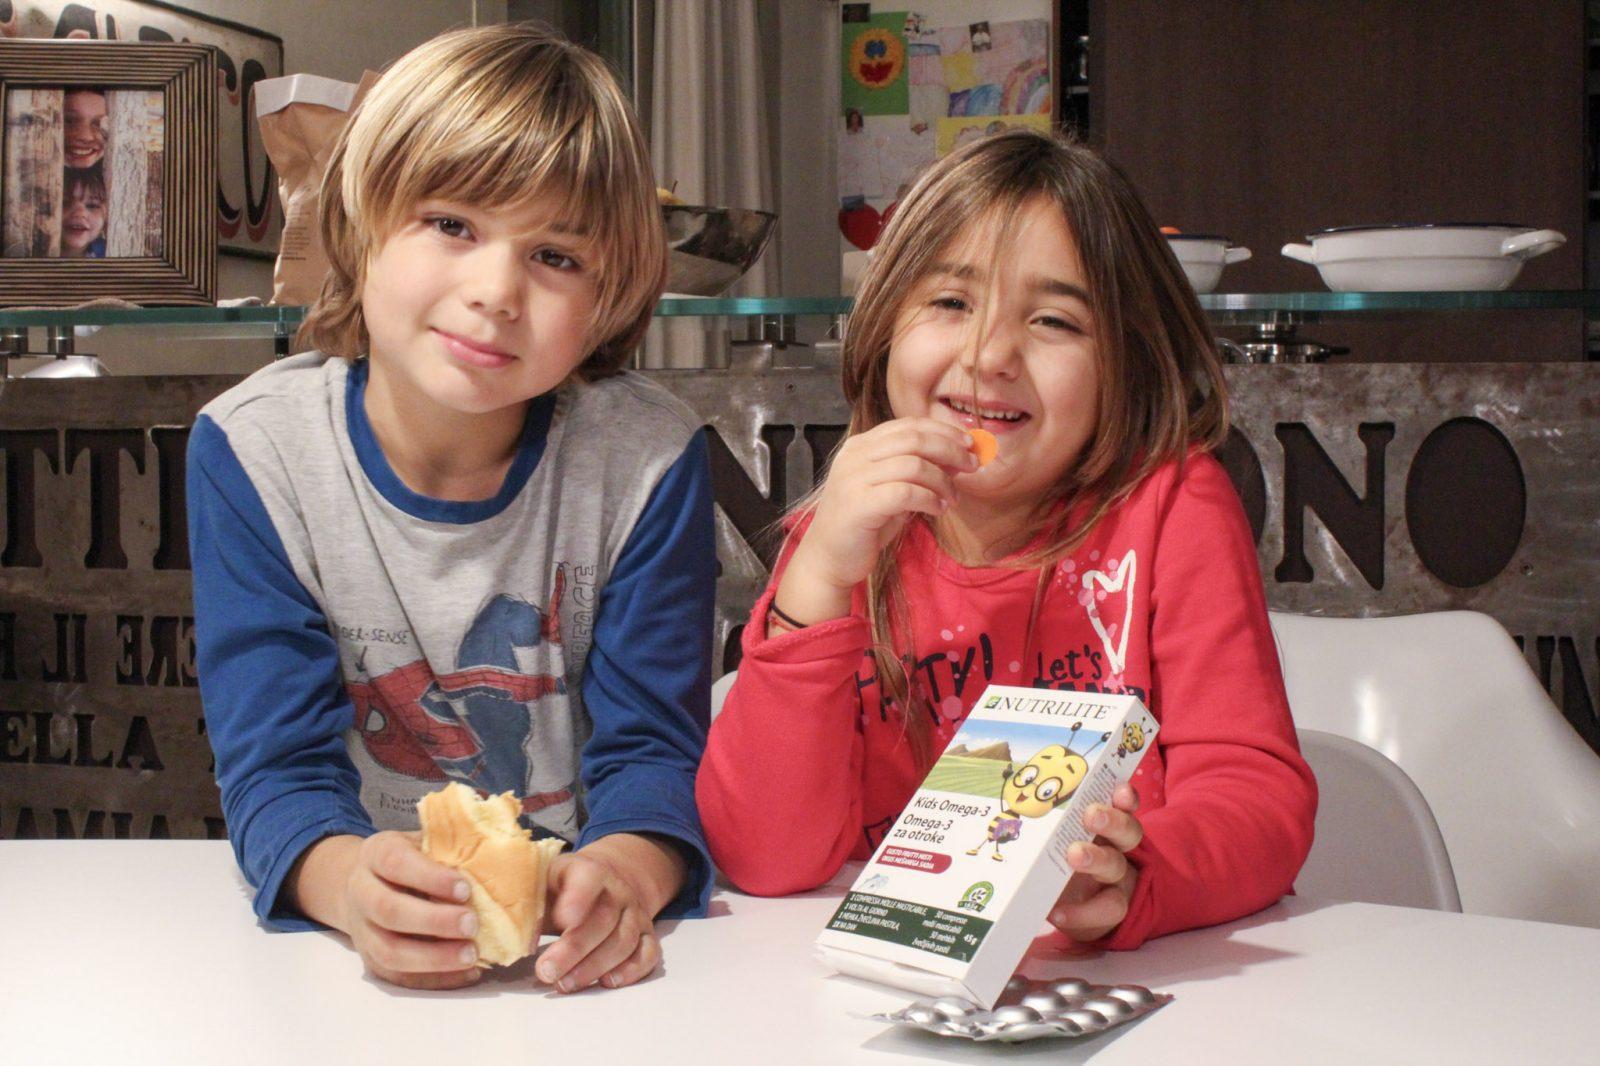 L'importanza degli acidi grassi Omega 3: NUTRILITE Kids Omega-3